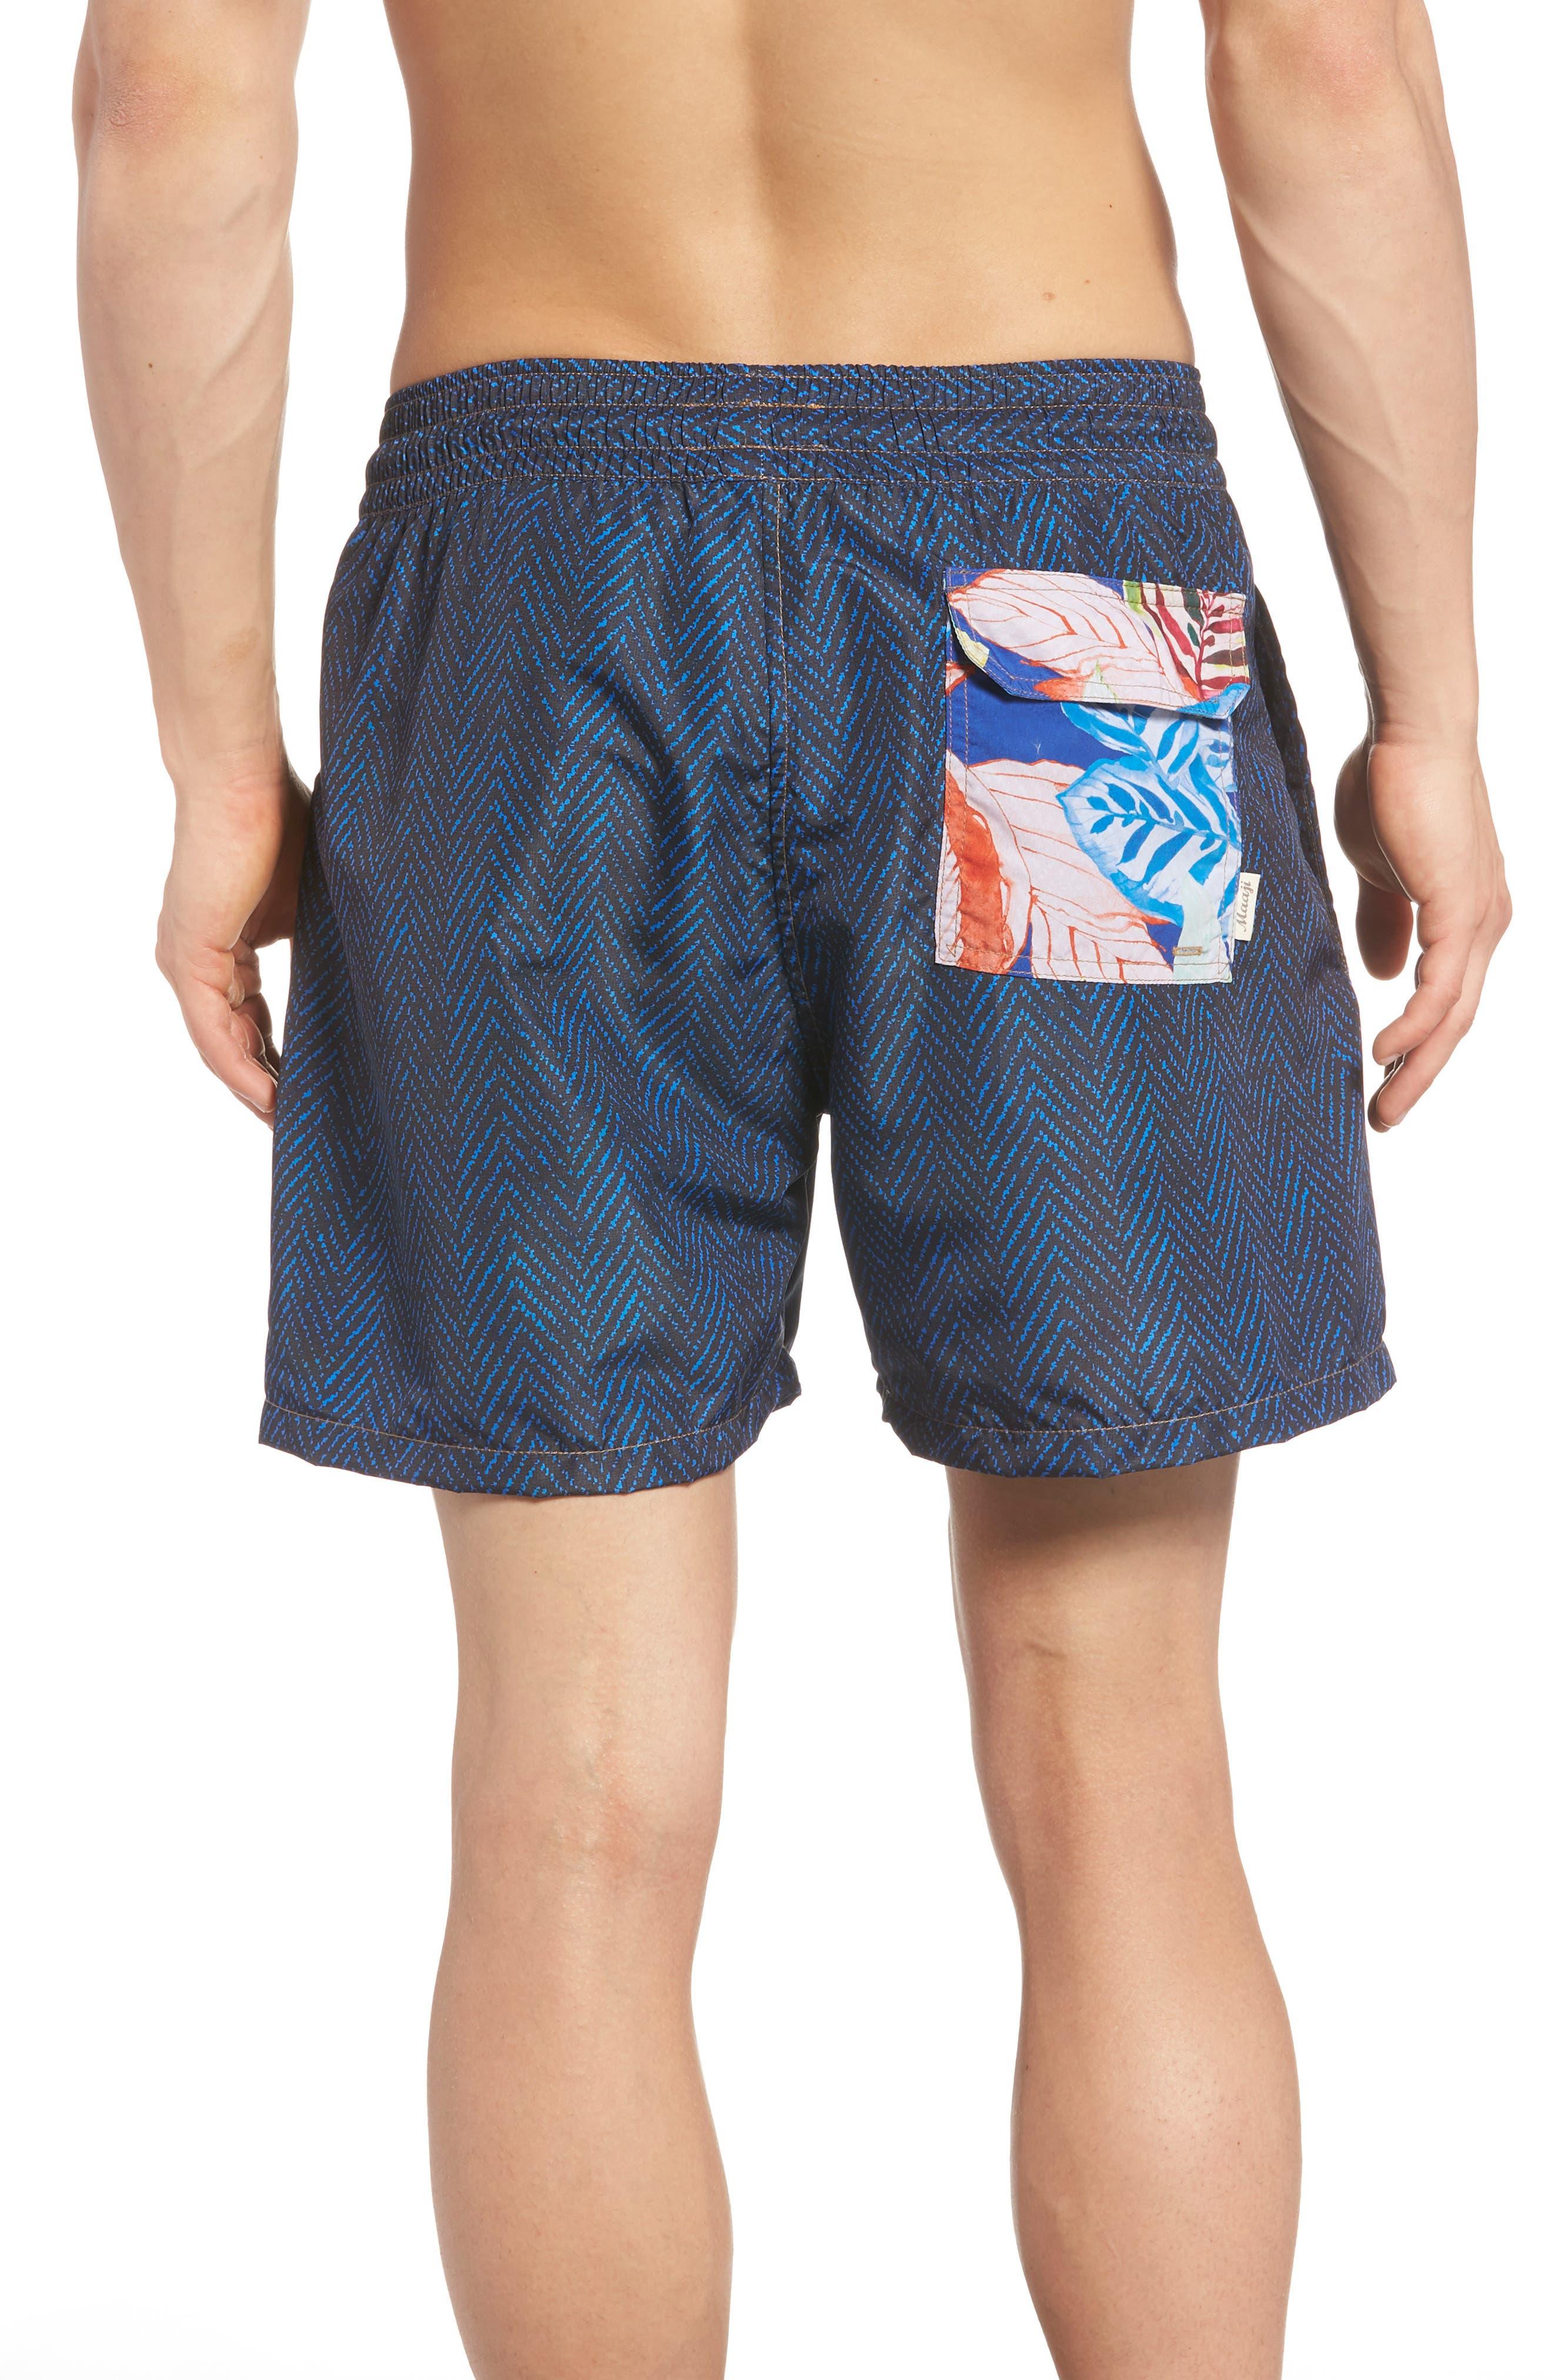 Bells Beach Swim Trunks,                             Alternate thumbnail 3, color,                             BLUE